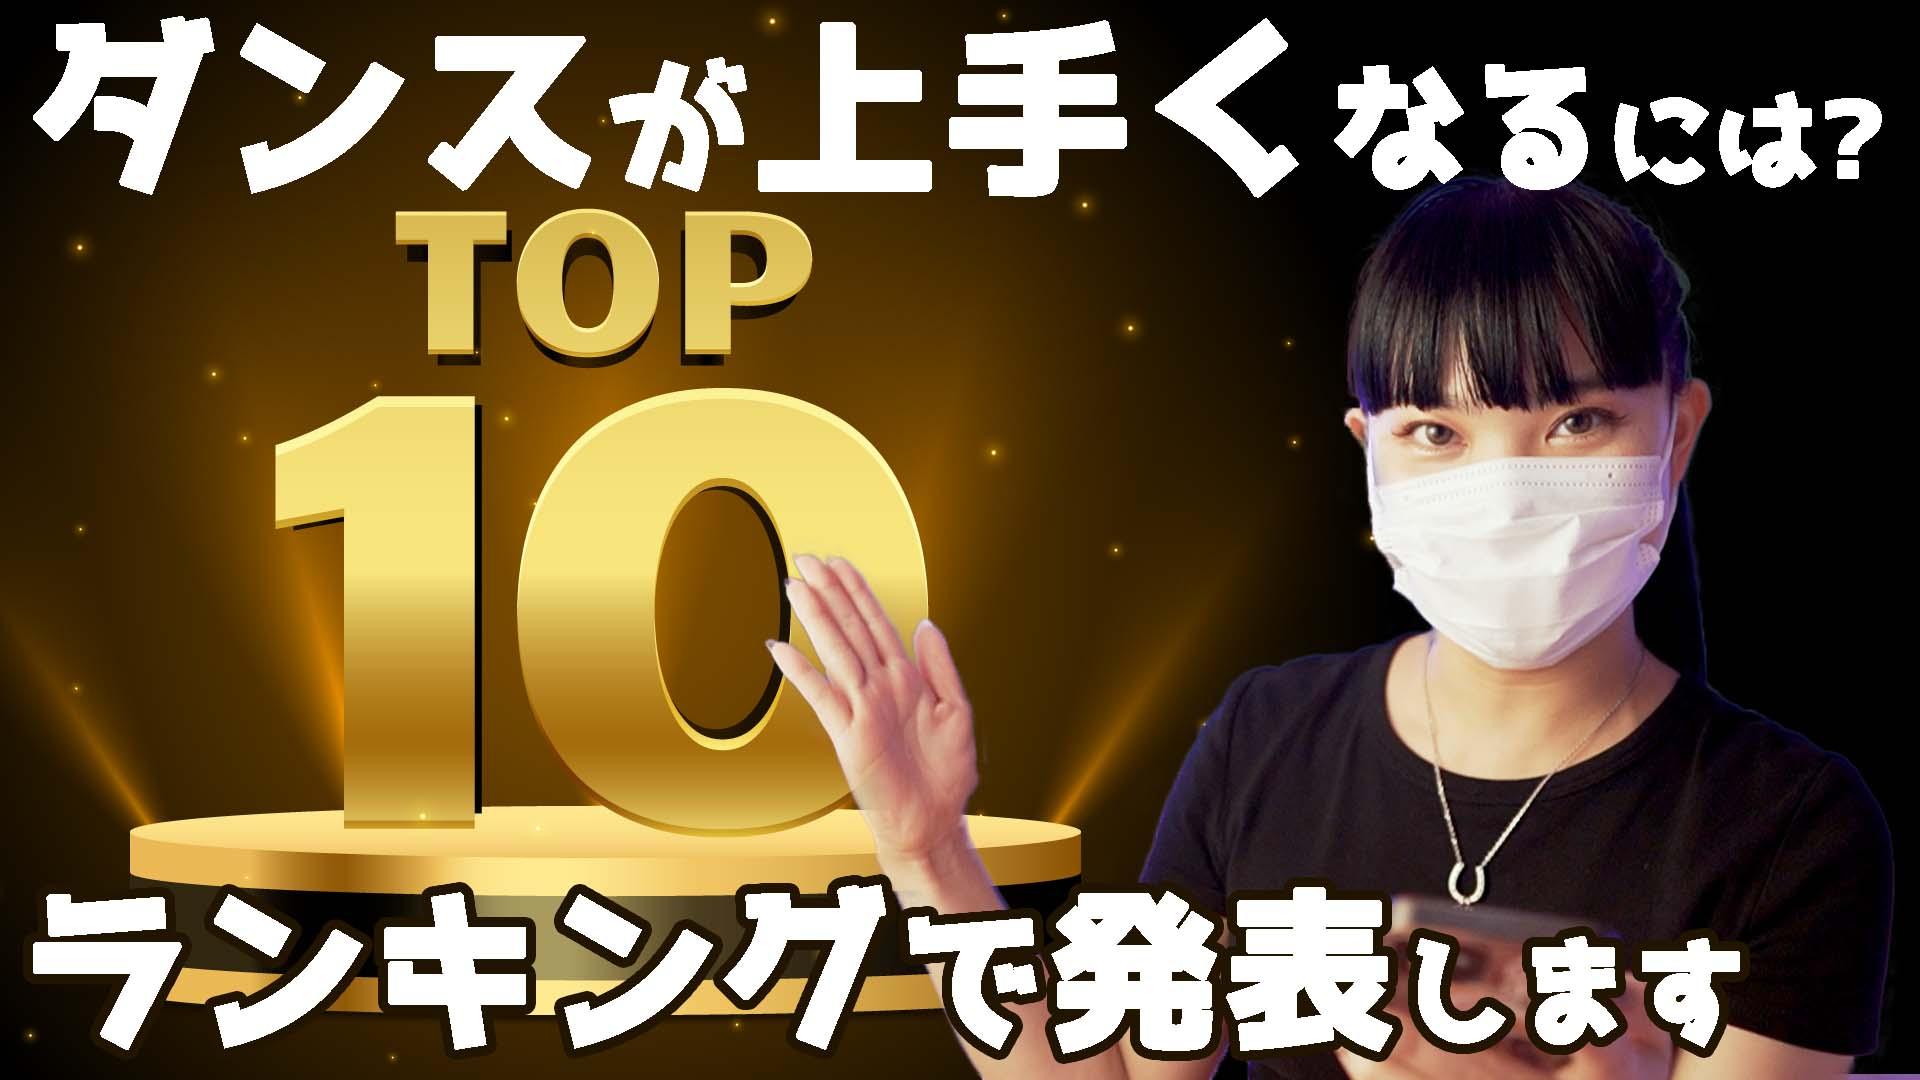 【永久保存版】ダンスが上手くなる方法TOP10!